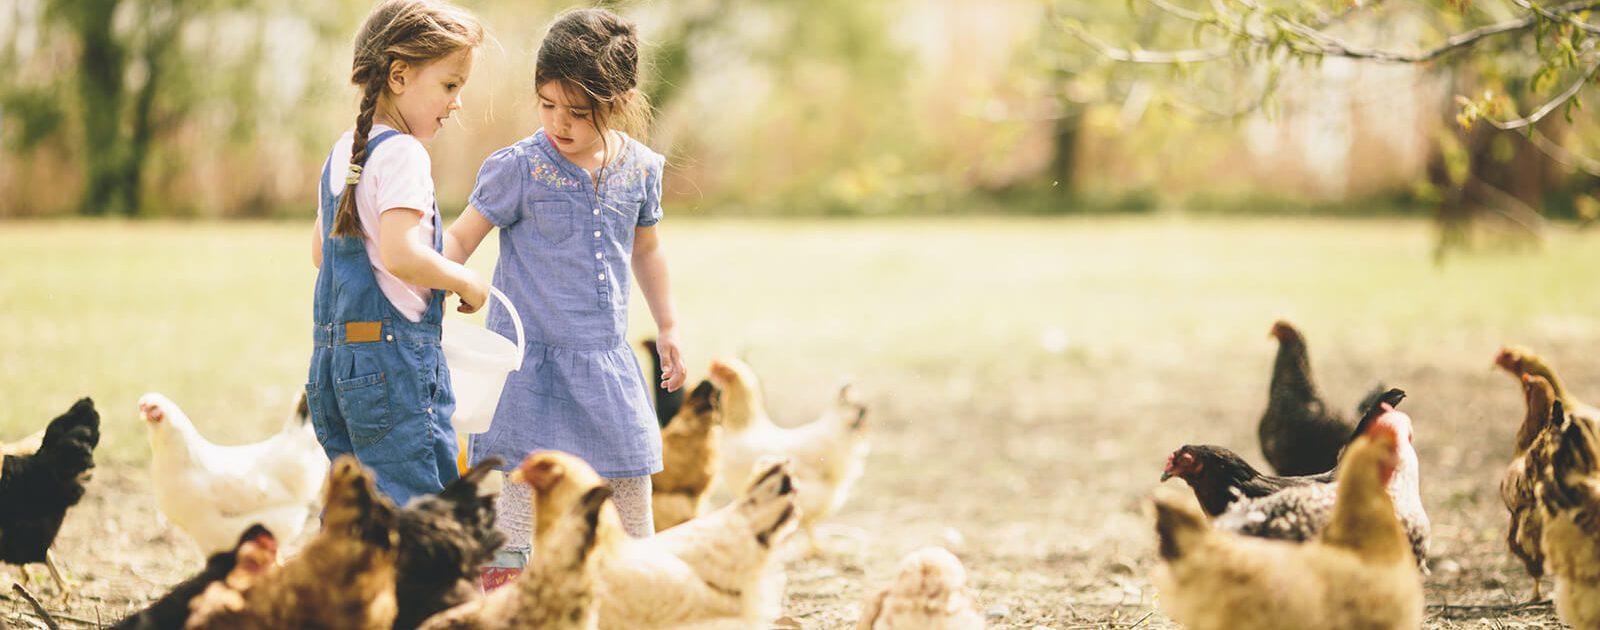 Mädchen beim Hühner füttern hat keinen Schnupfen wegen einer Allergie.